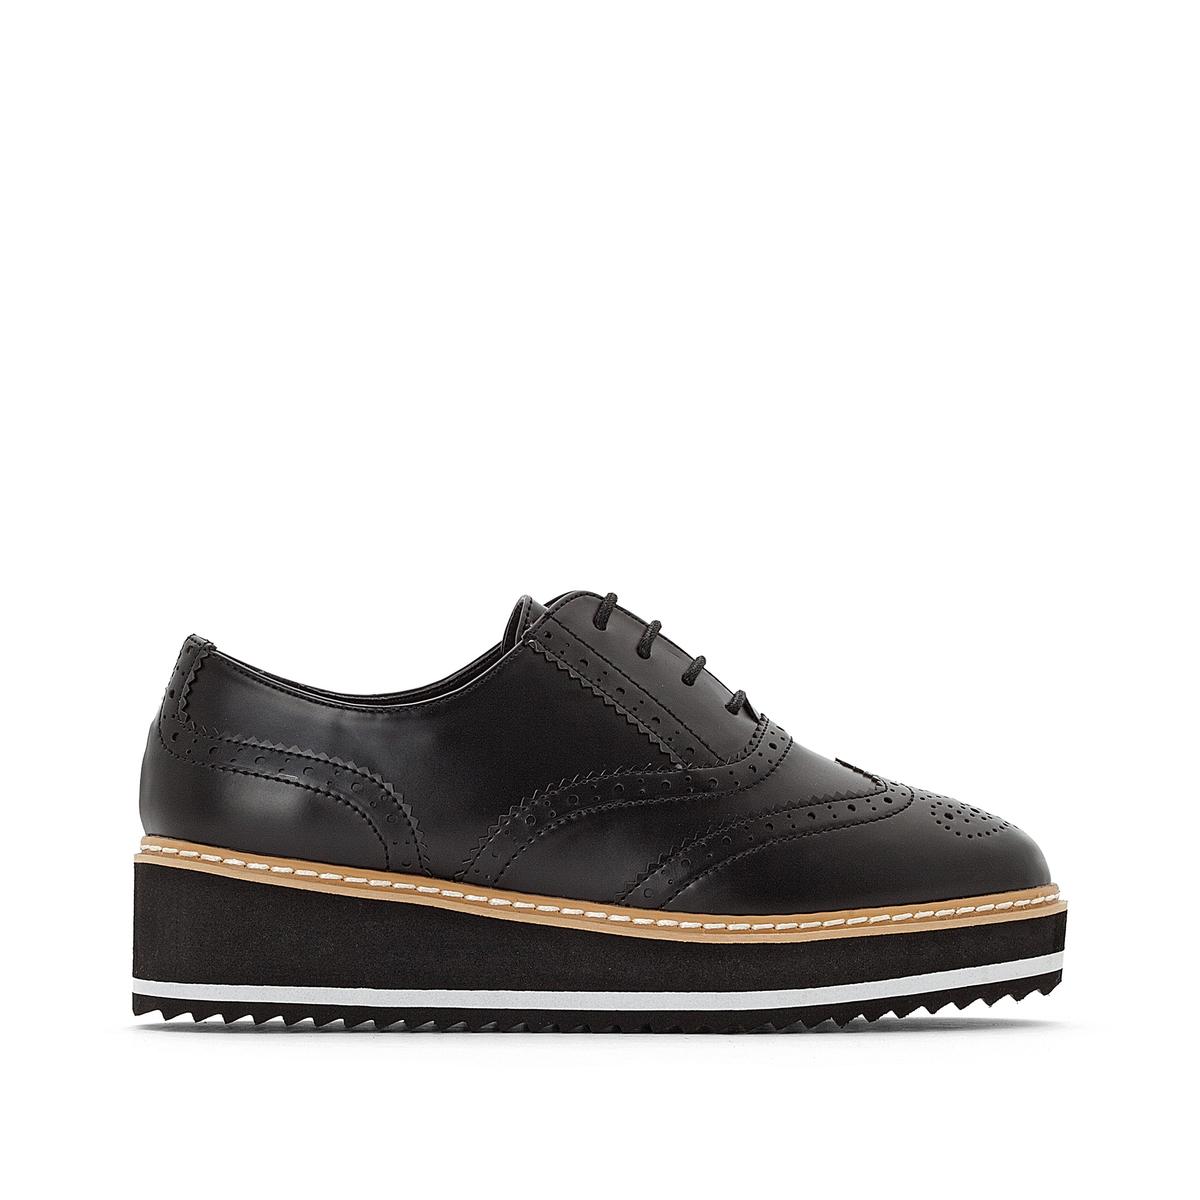 Ботинки-дерби с двухцветной подошвой детские ботинки с нескользящей подошвой bobdog 52071013 1 3